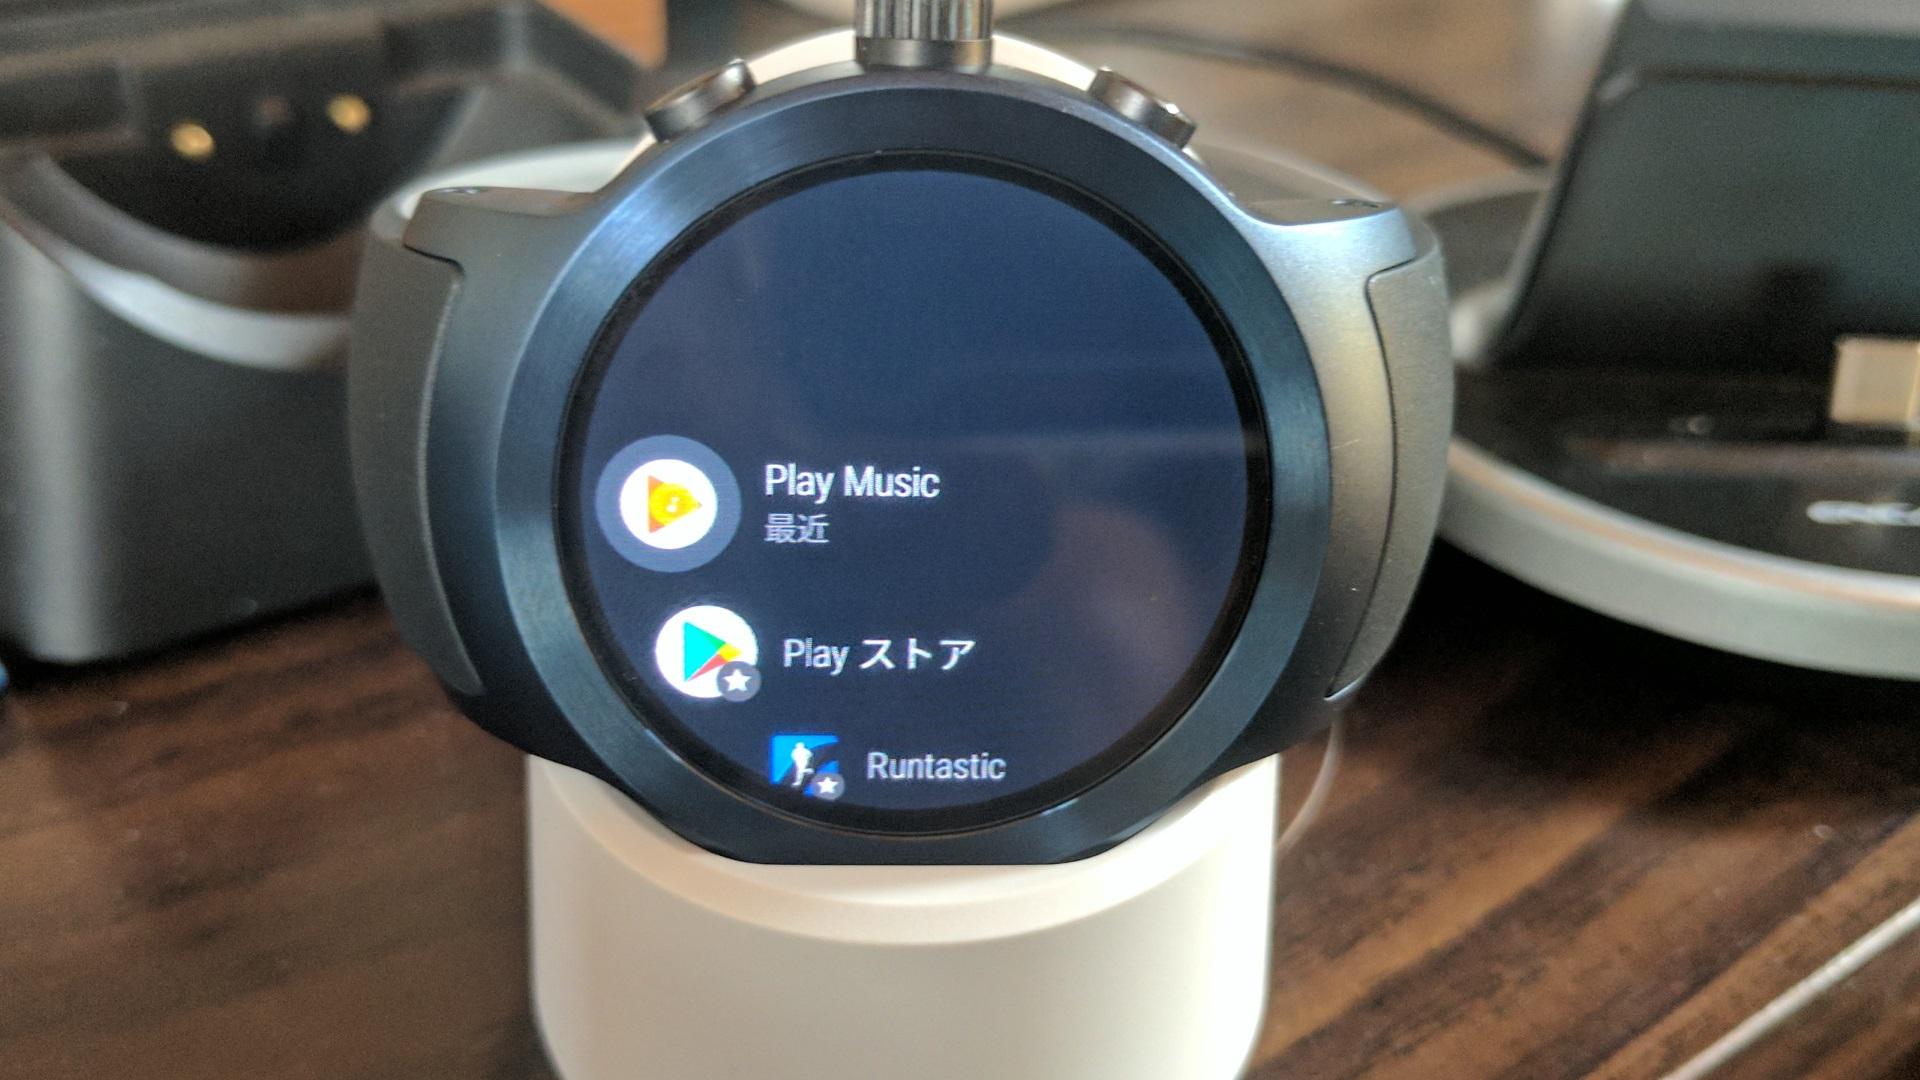 【レビュー】Android Wear 2.0をサポートした「Google Play Music」単体でのストリーミング再生に対応、母艦機からのダウンロードは廃止に